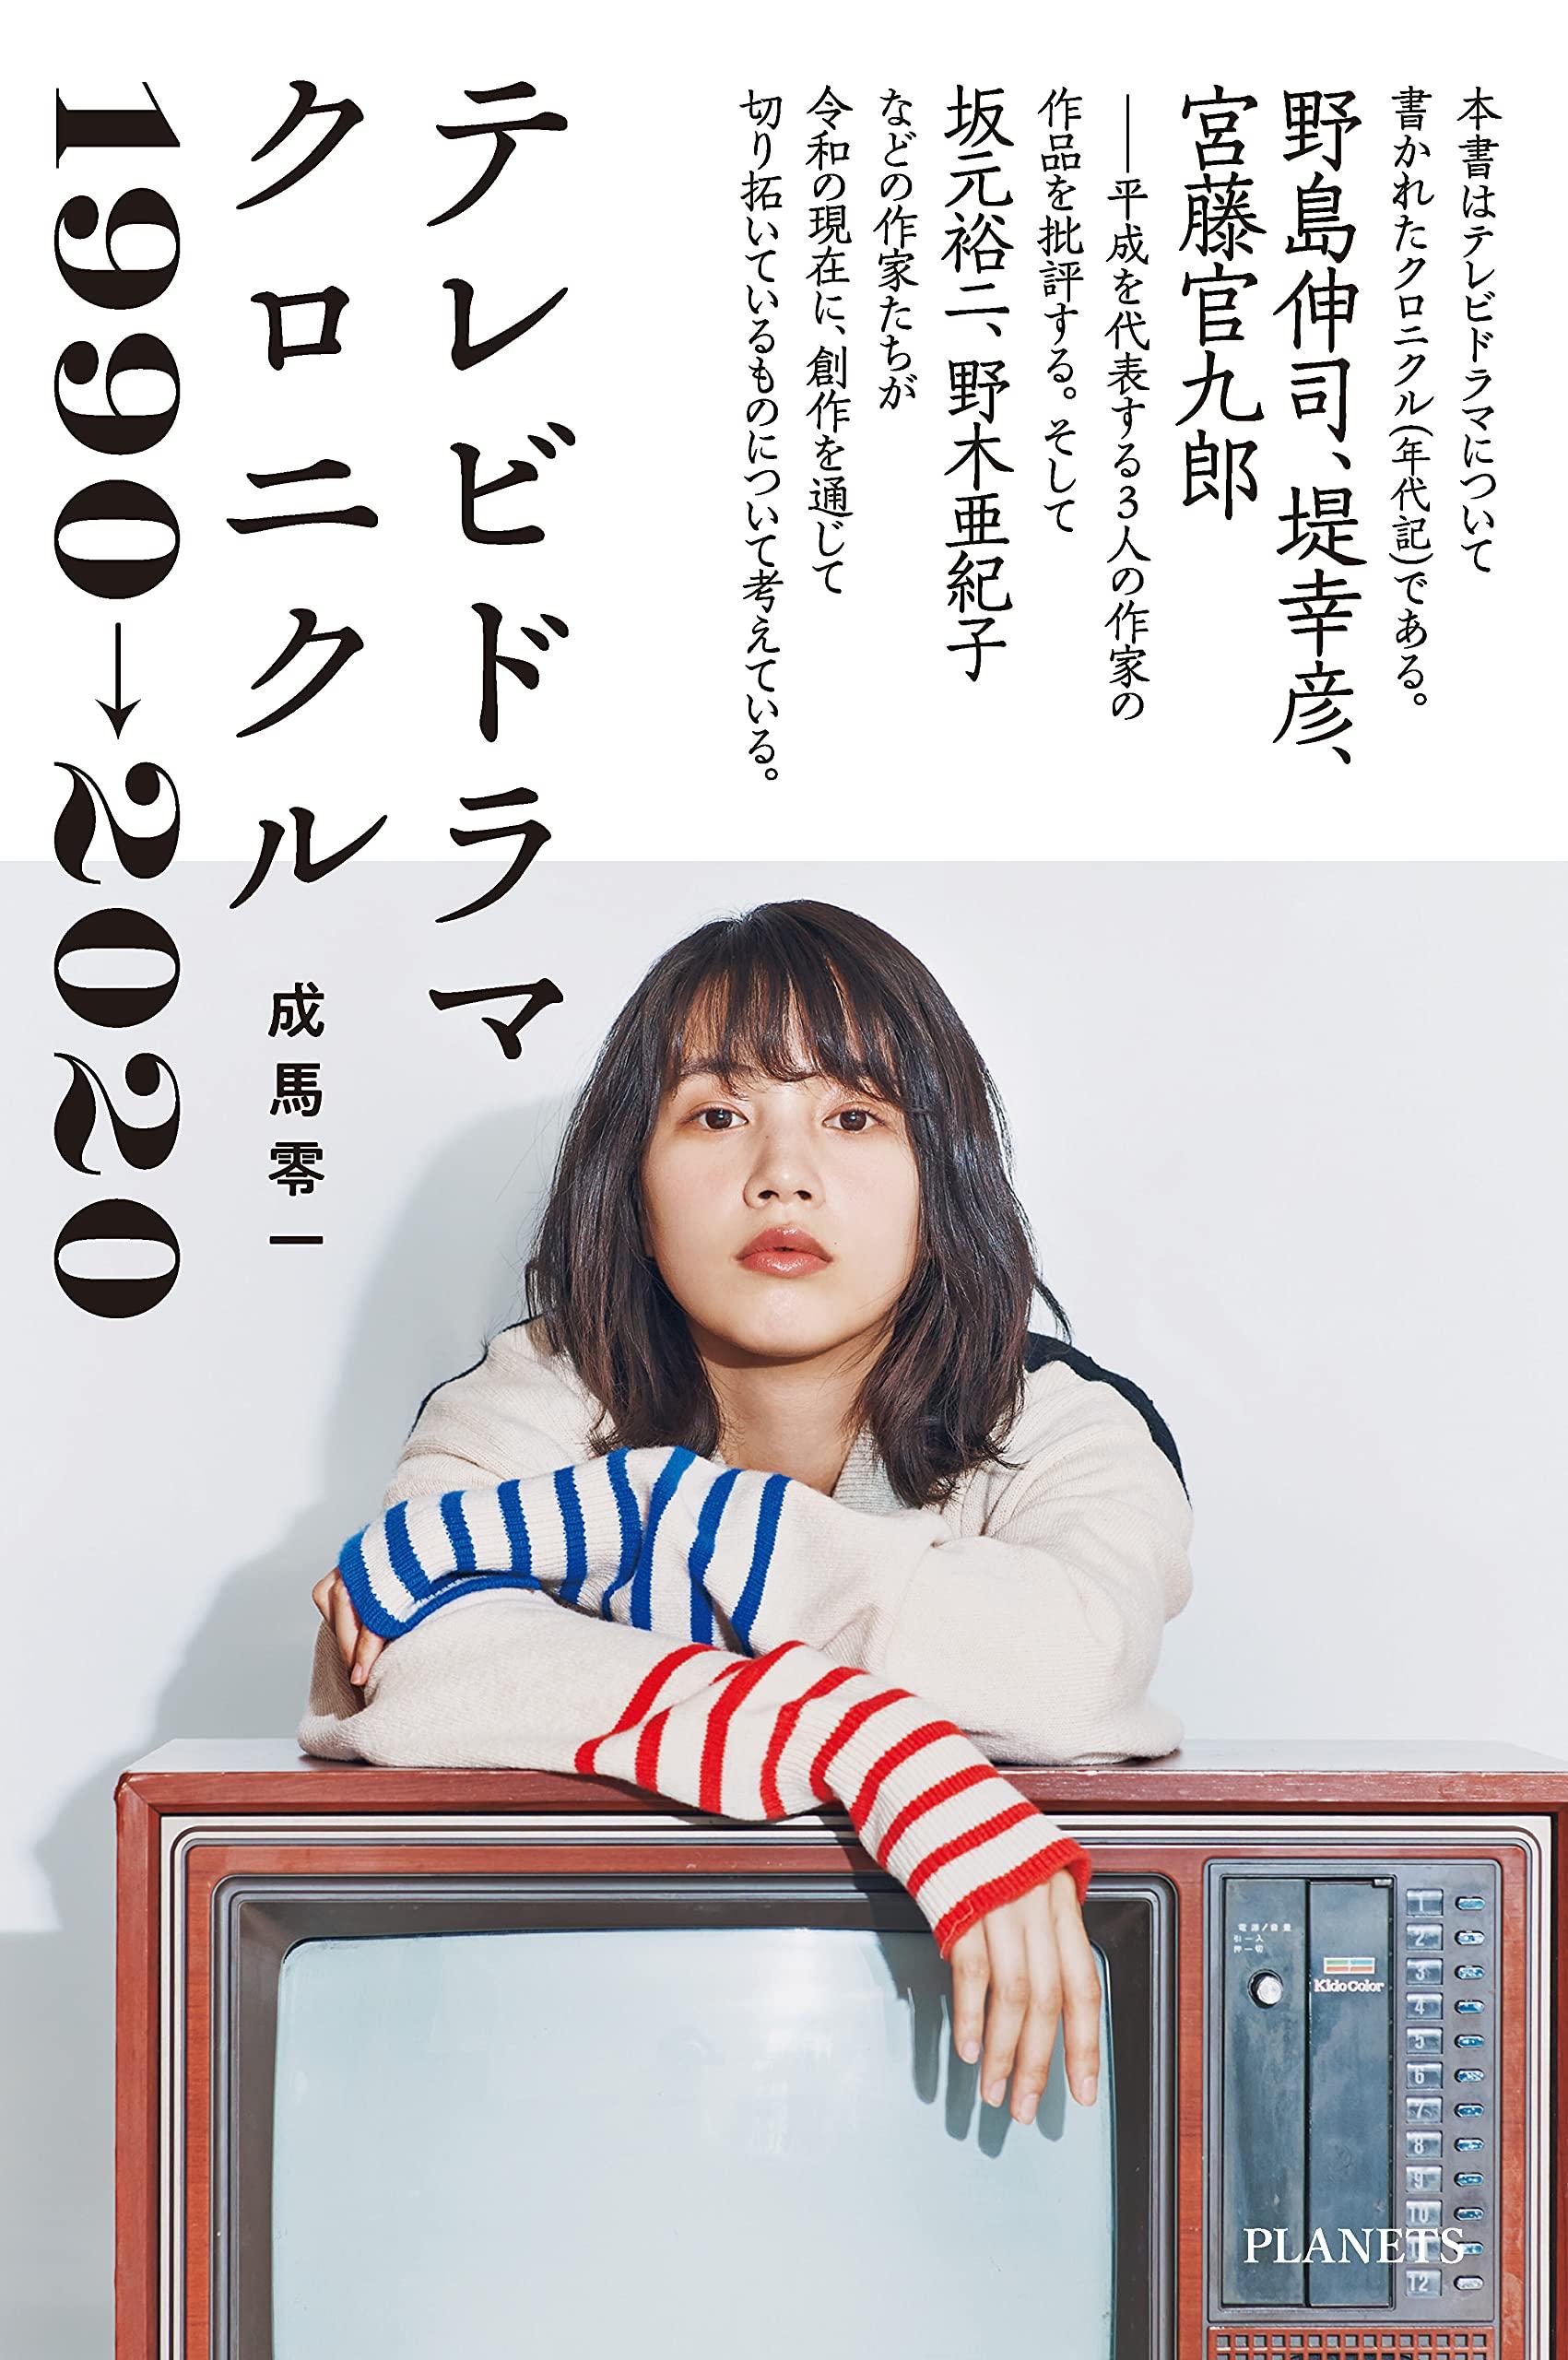 2020 ドラマ 日本のテレビドラマ一覧 (2020年代)